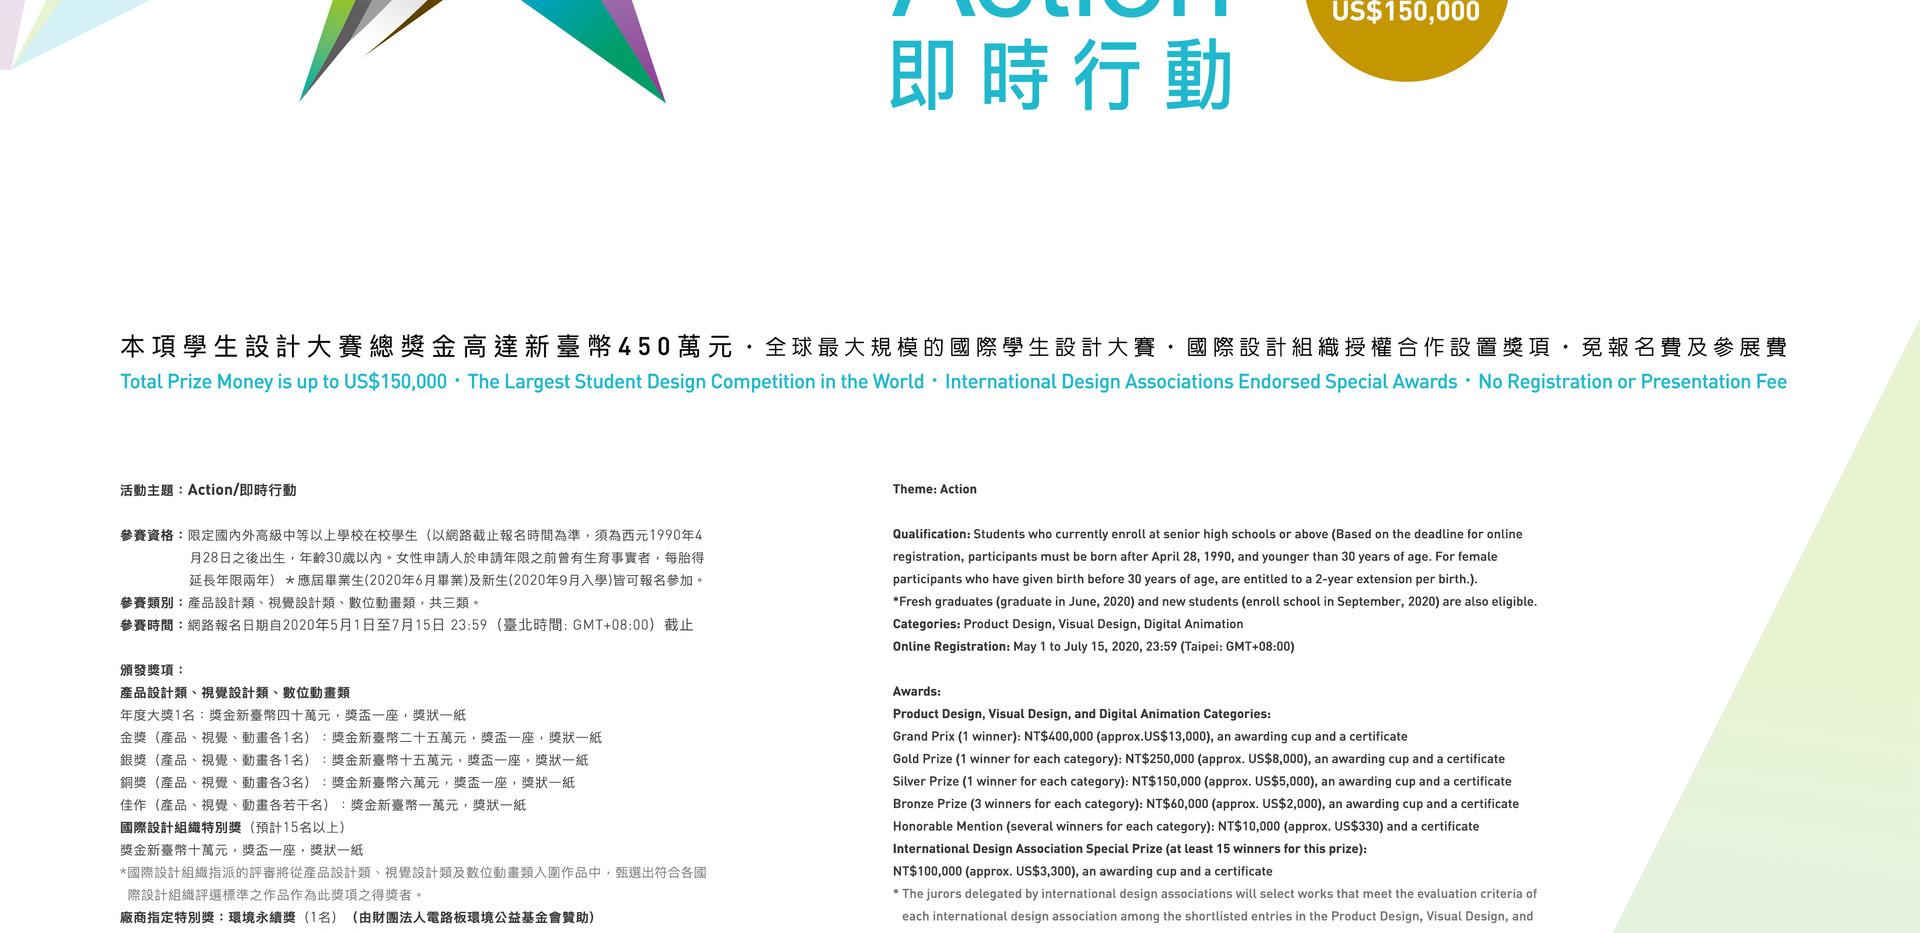 2020台灣國際學生創意設計大賽109.05.22.jpg